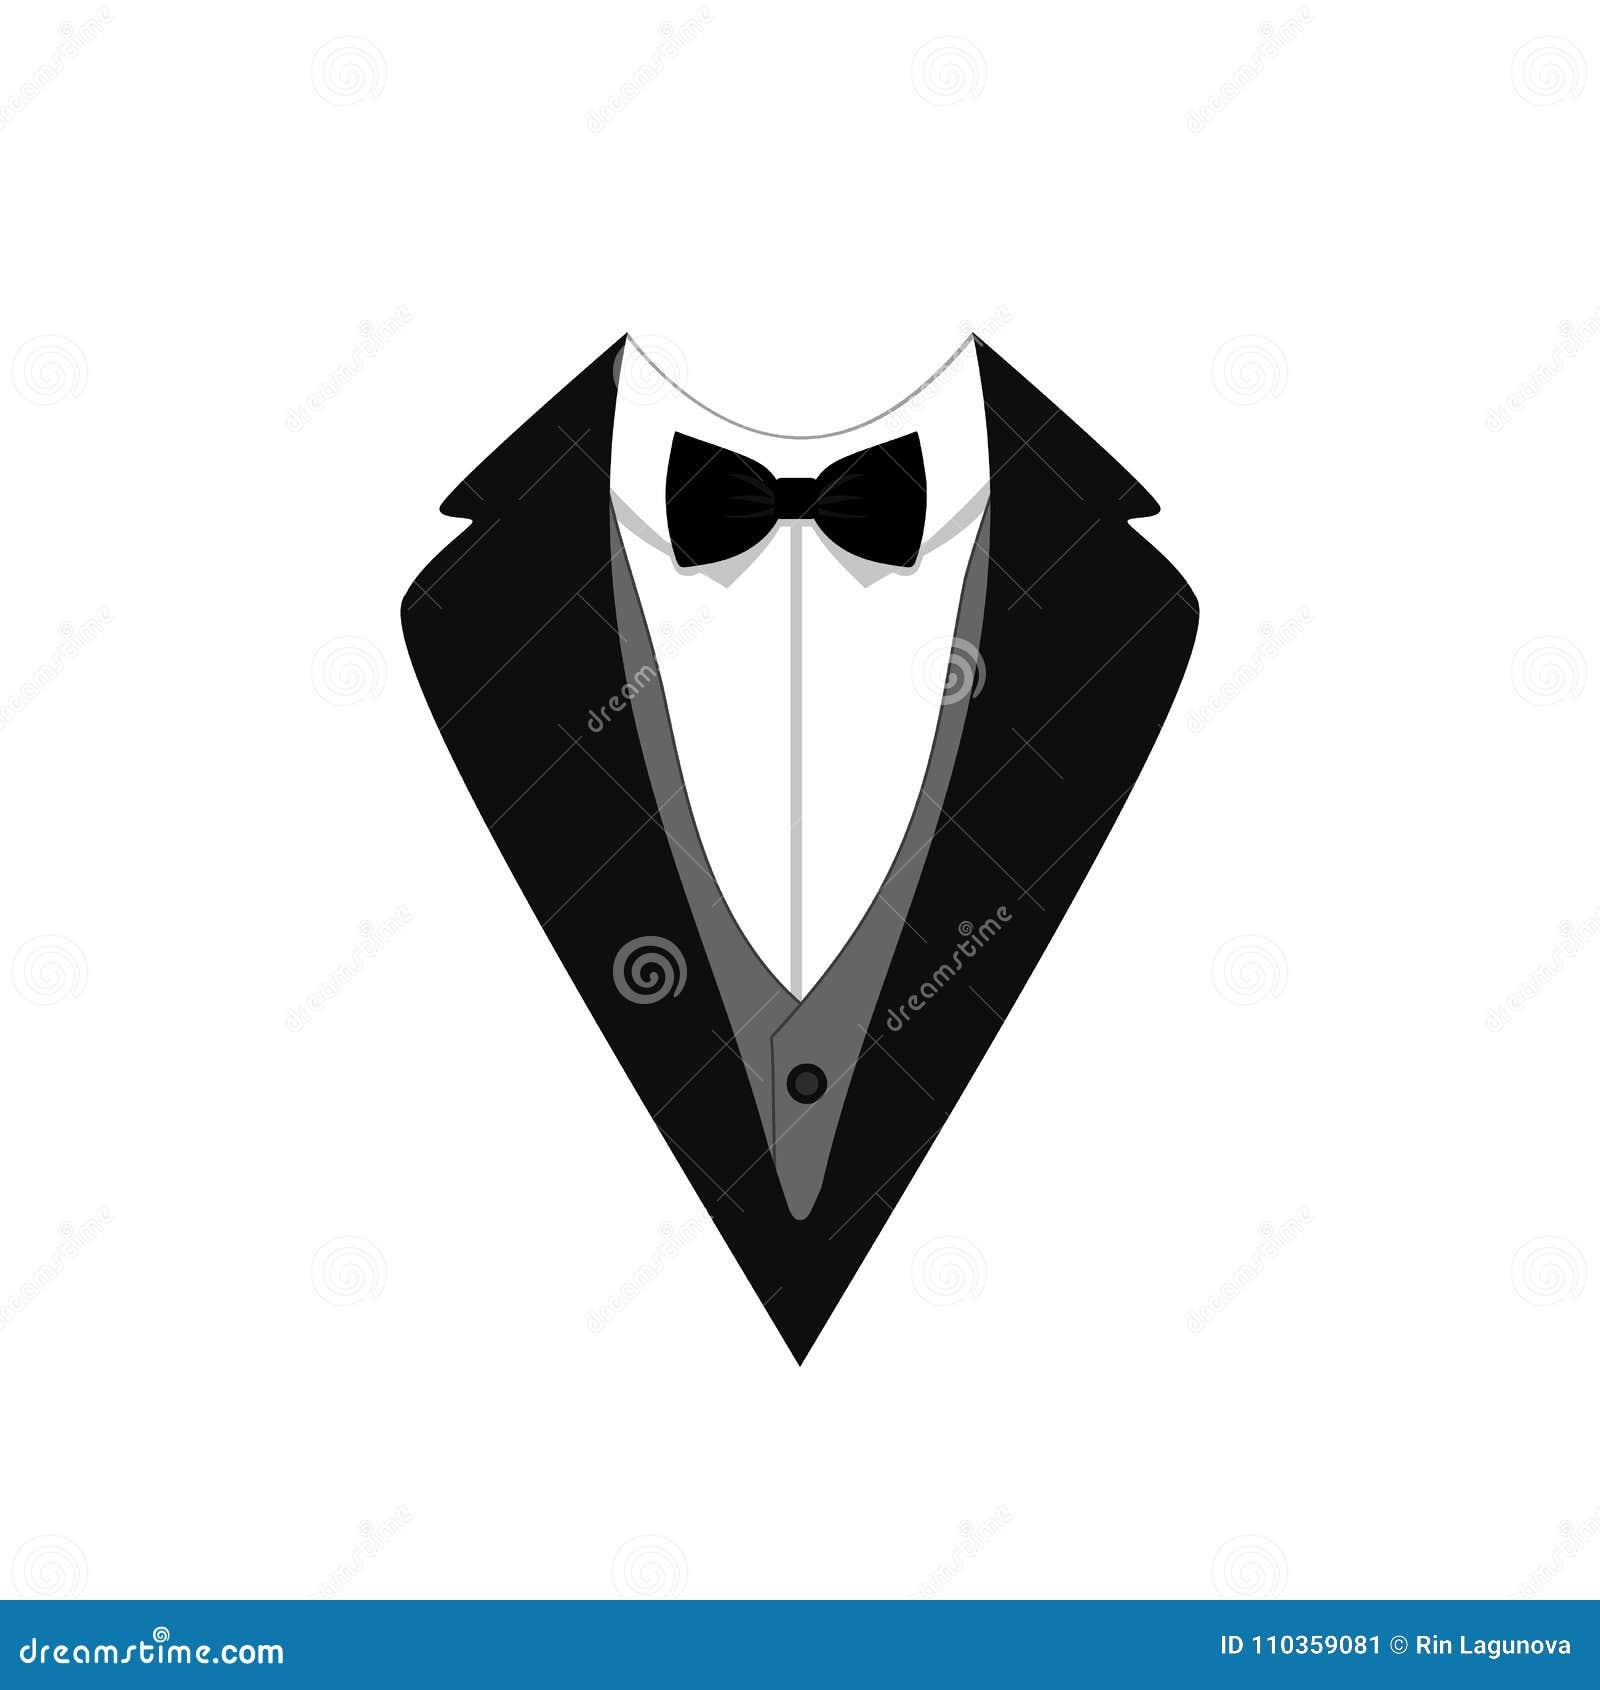 Tuxedo vector icon flat design vector illustration template download tuxedo vector icon flat design vector illustration template ceremony official dressing maxwellsz